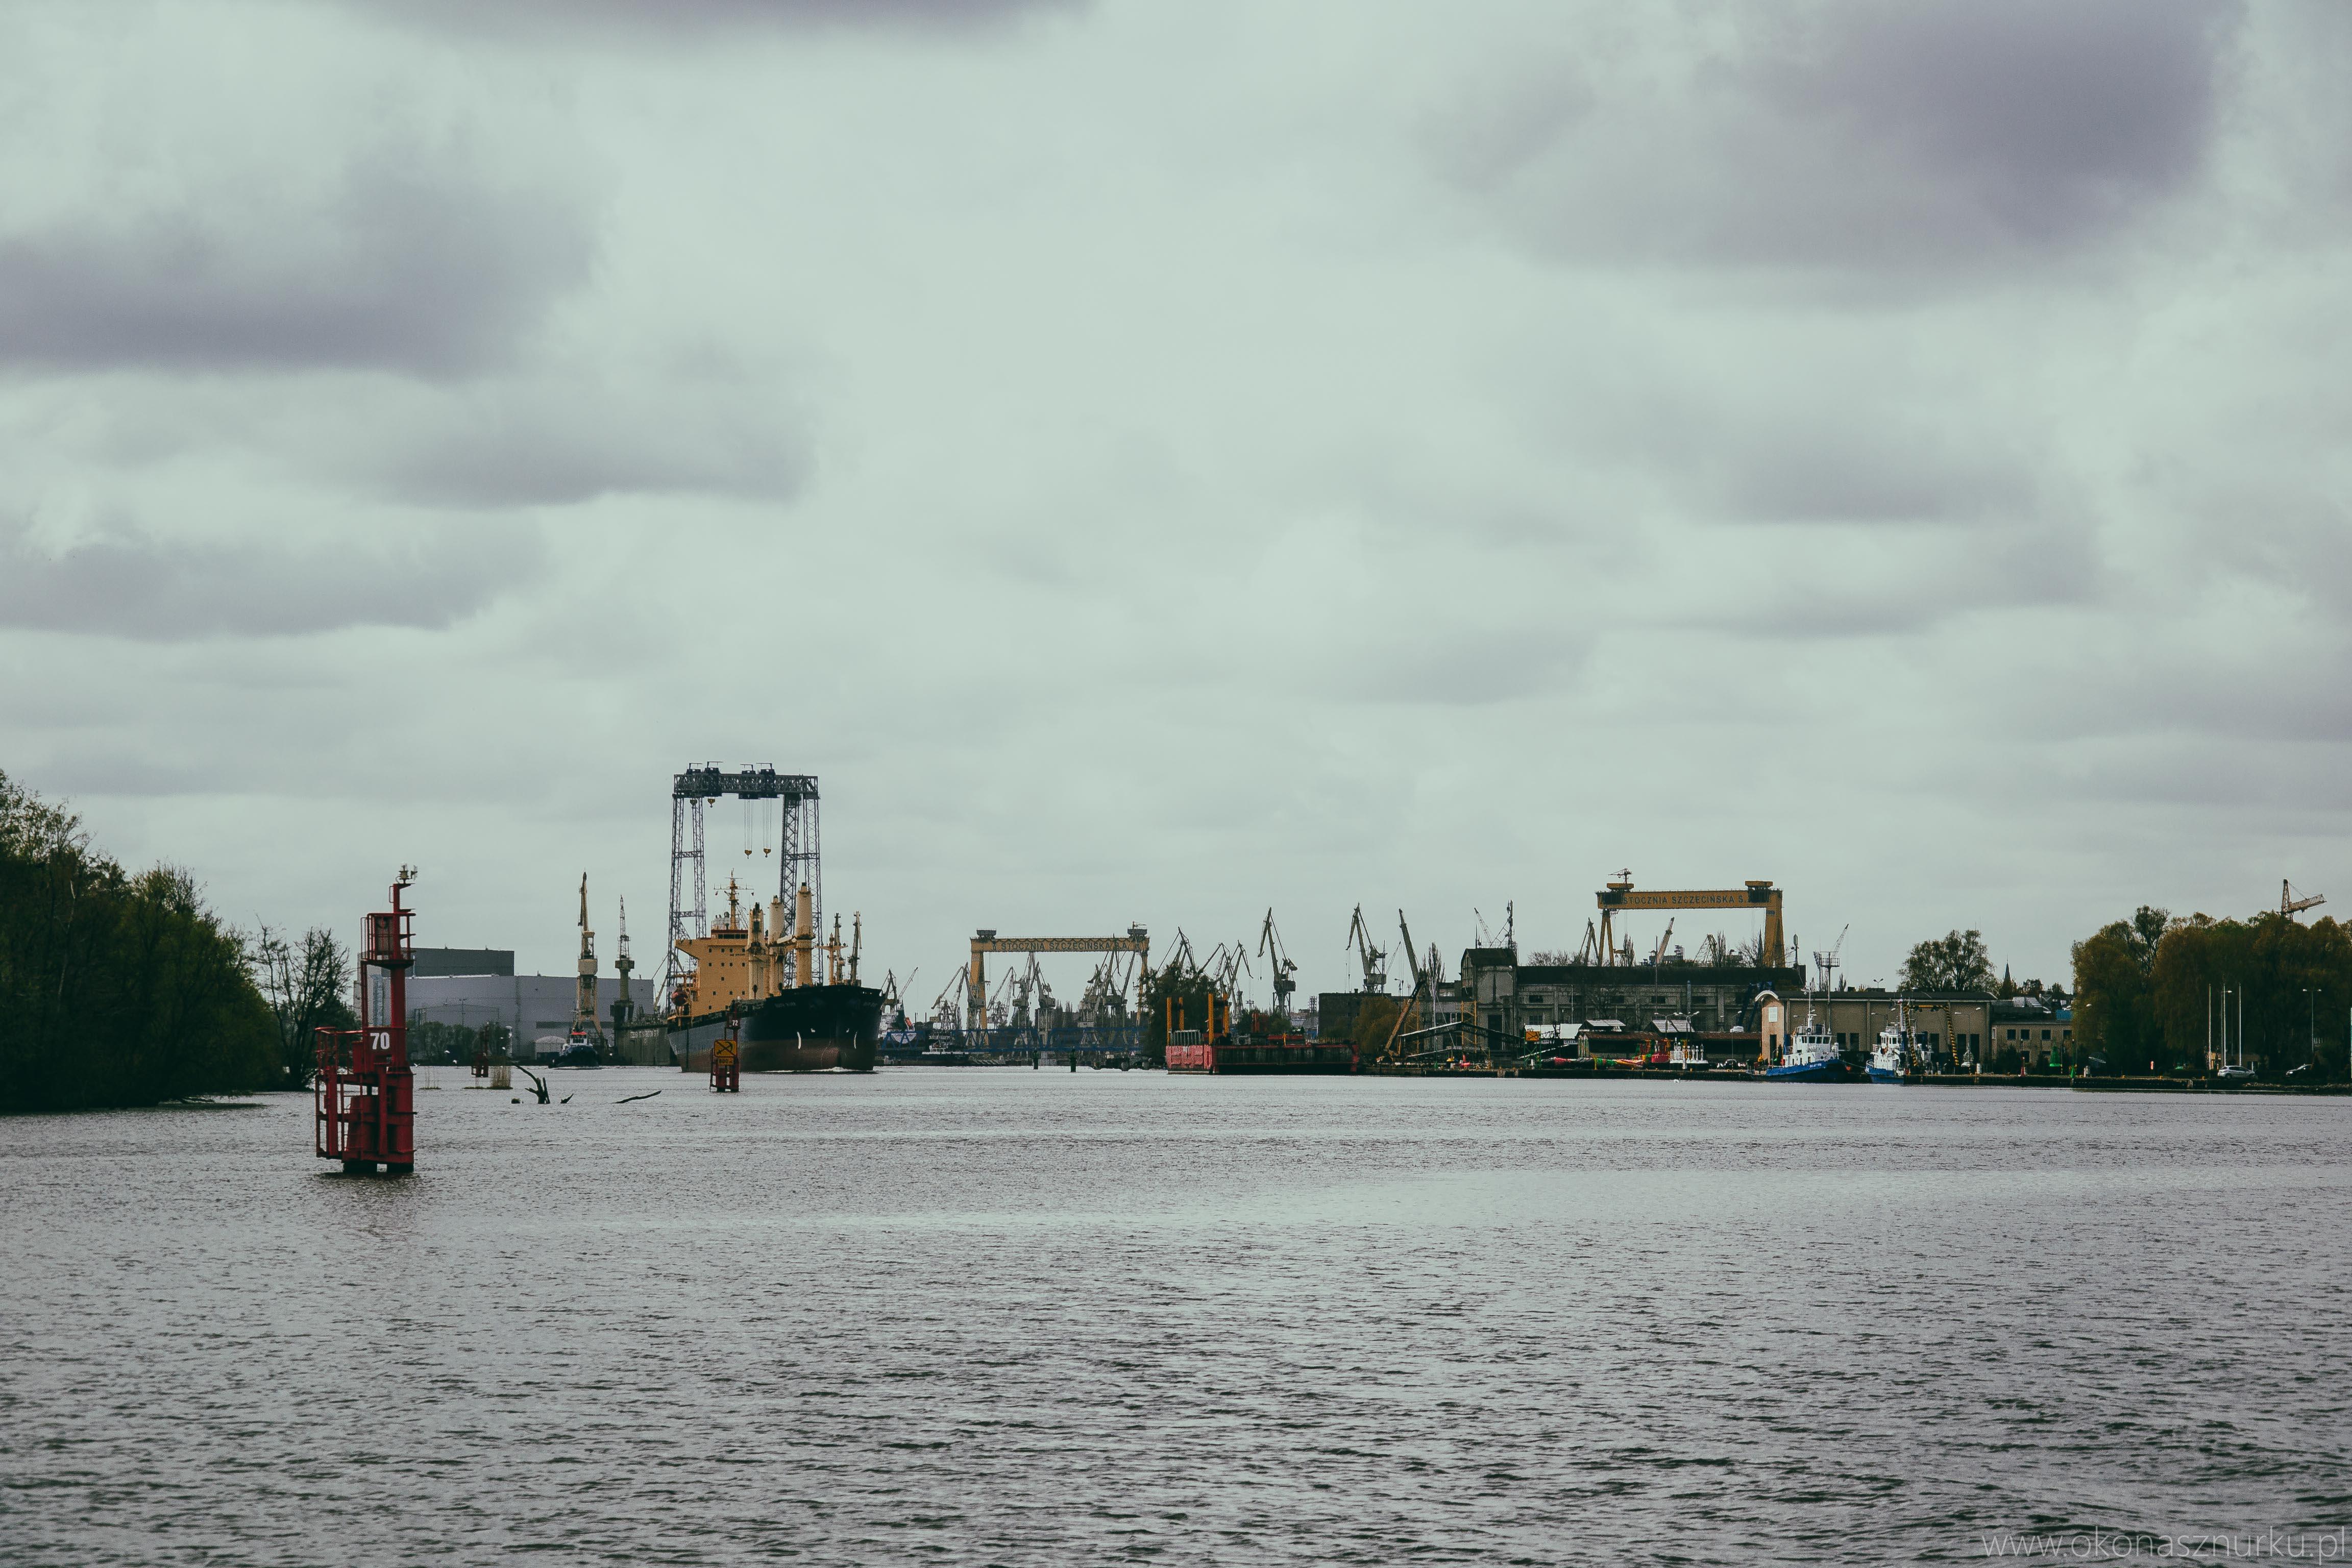 marina-jacht-wyprawy-morskie-silesia-szczecin-goclaw-lubczyna (15)